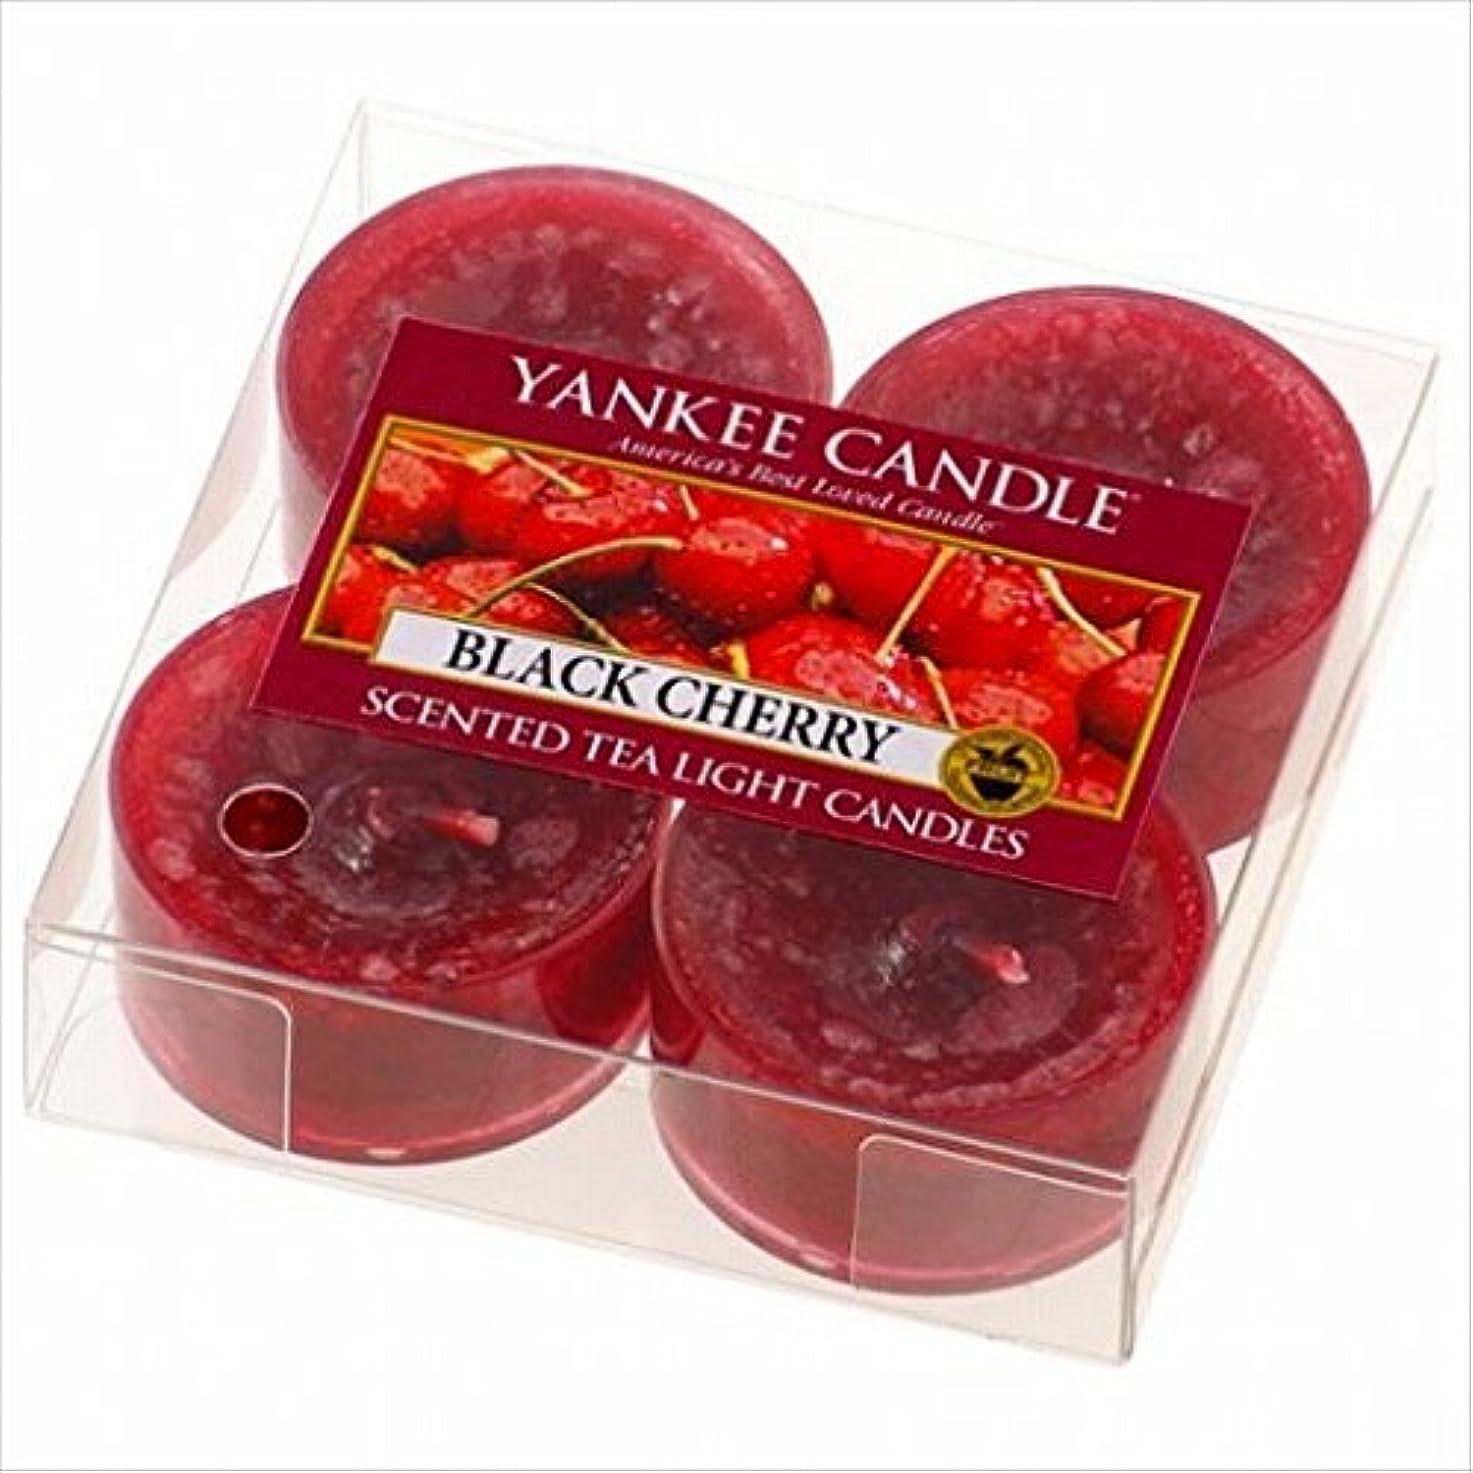 あらゆる種類の太平洋諸島起きているヤンキーキャンドル( YANKEE CANDLE ) YANKEE CANDLE クリアカップティーライト4個入り 「 ブラックチェリー 」